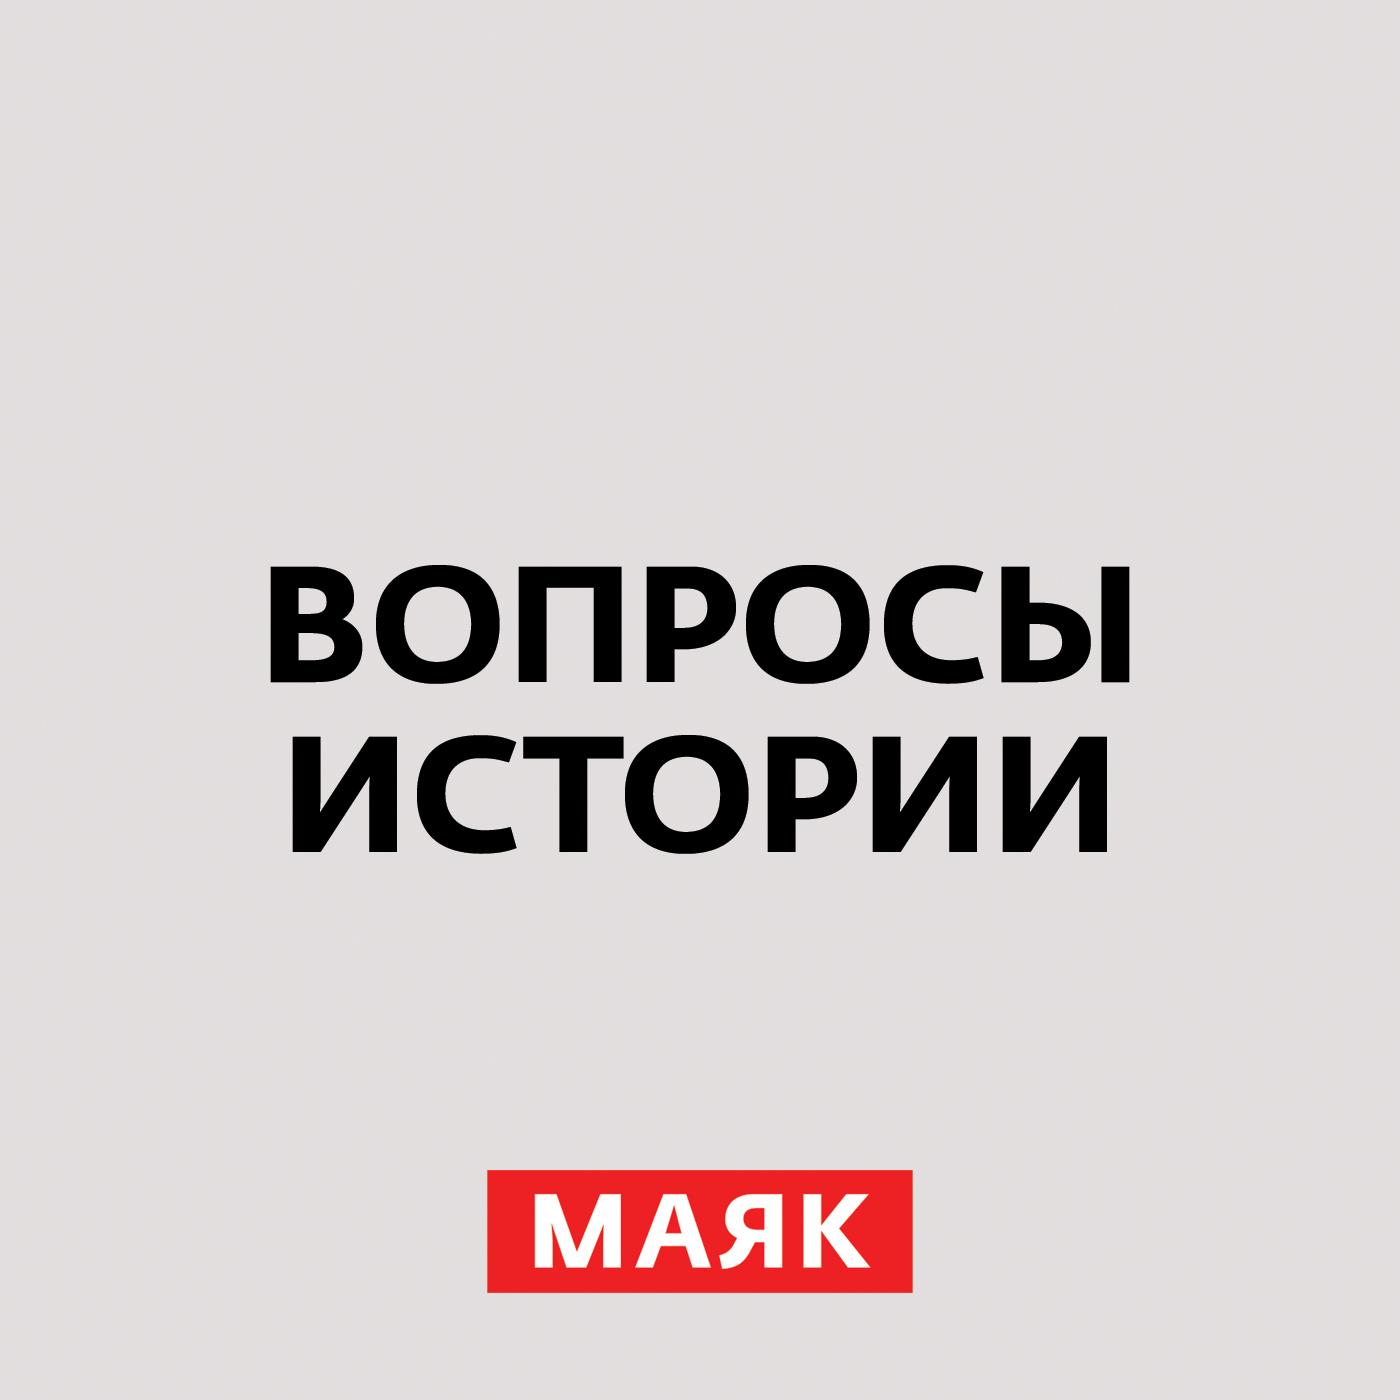 Андрей Светенко Минин и Пожарский перевернули весь порядок вещей андрей светенко ленд лиз в годы вов мифы и реальность